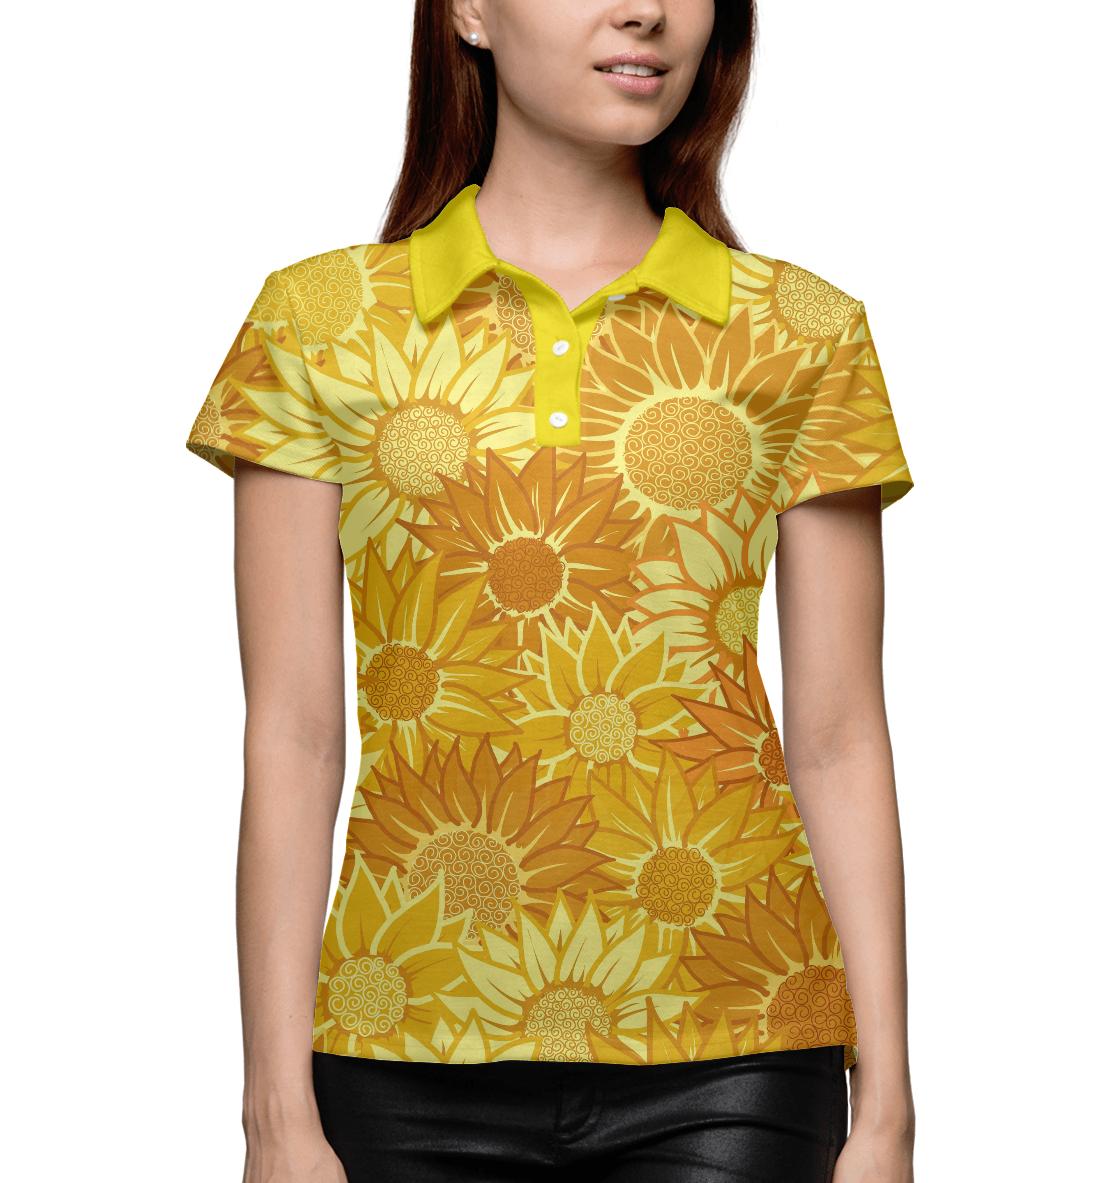 Купить Жёлтые цветы, Printbar, Поло, CVE-931660-pol-1